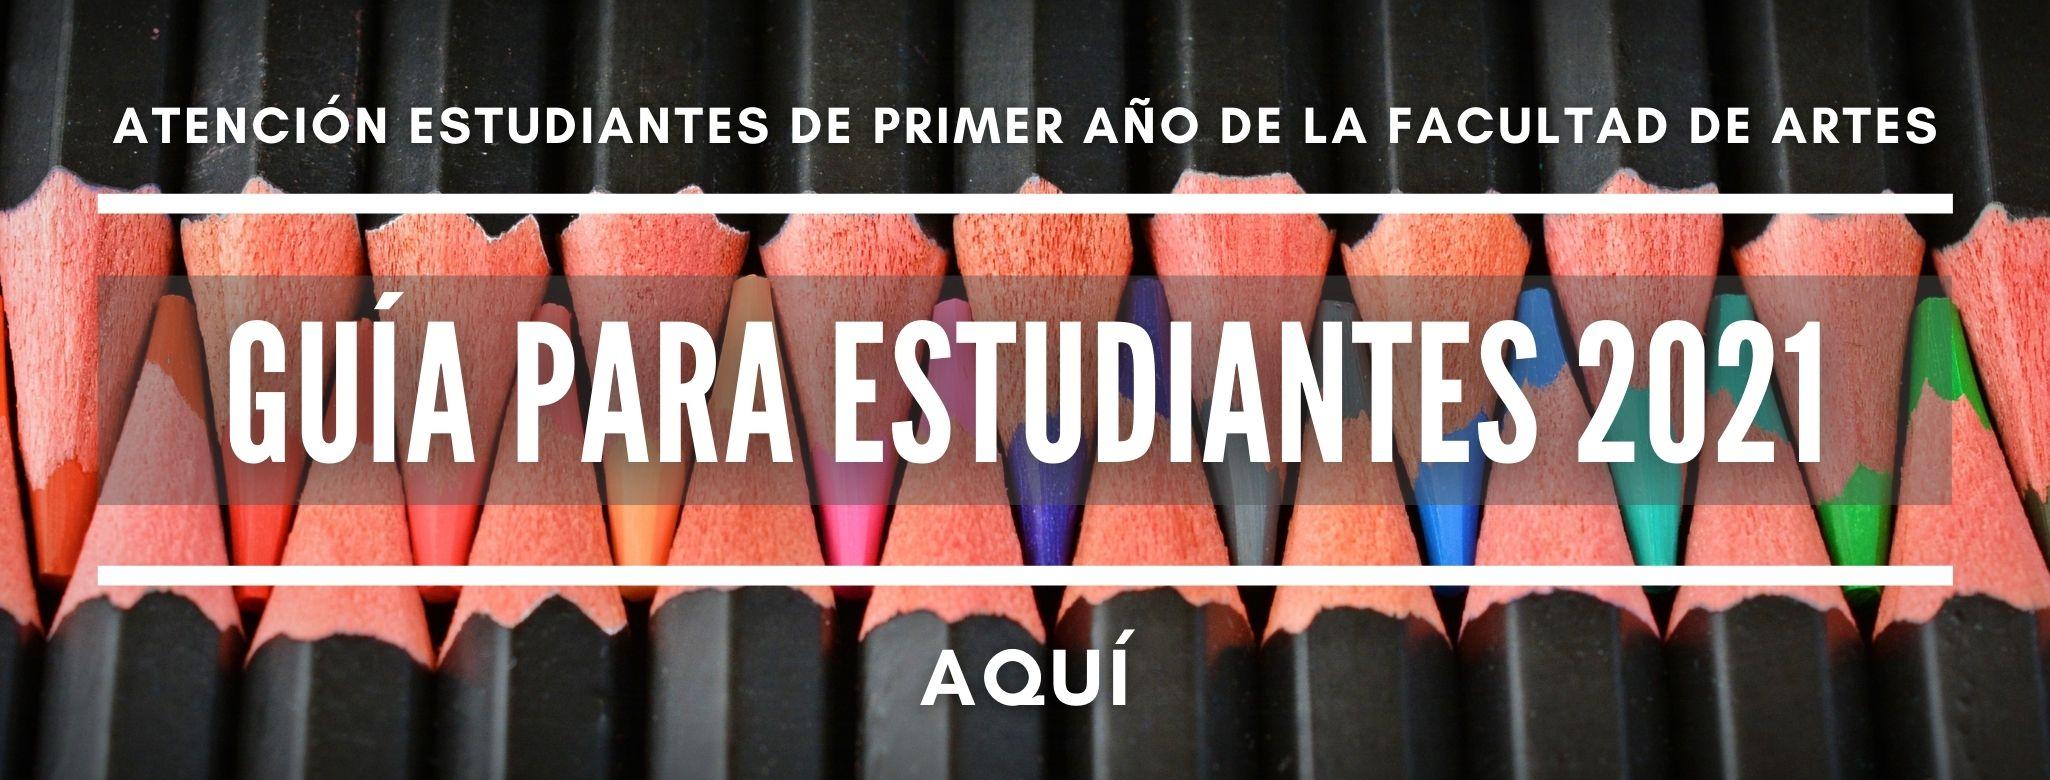 Banner con lapices de colores, ingreso a la guía para estudiantes 2021